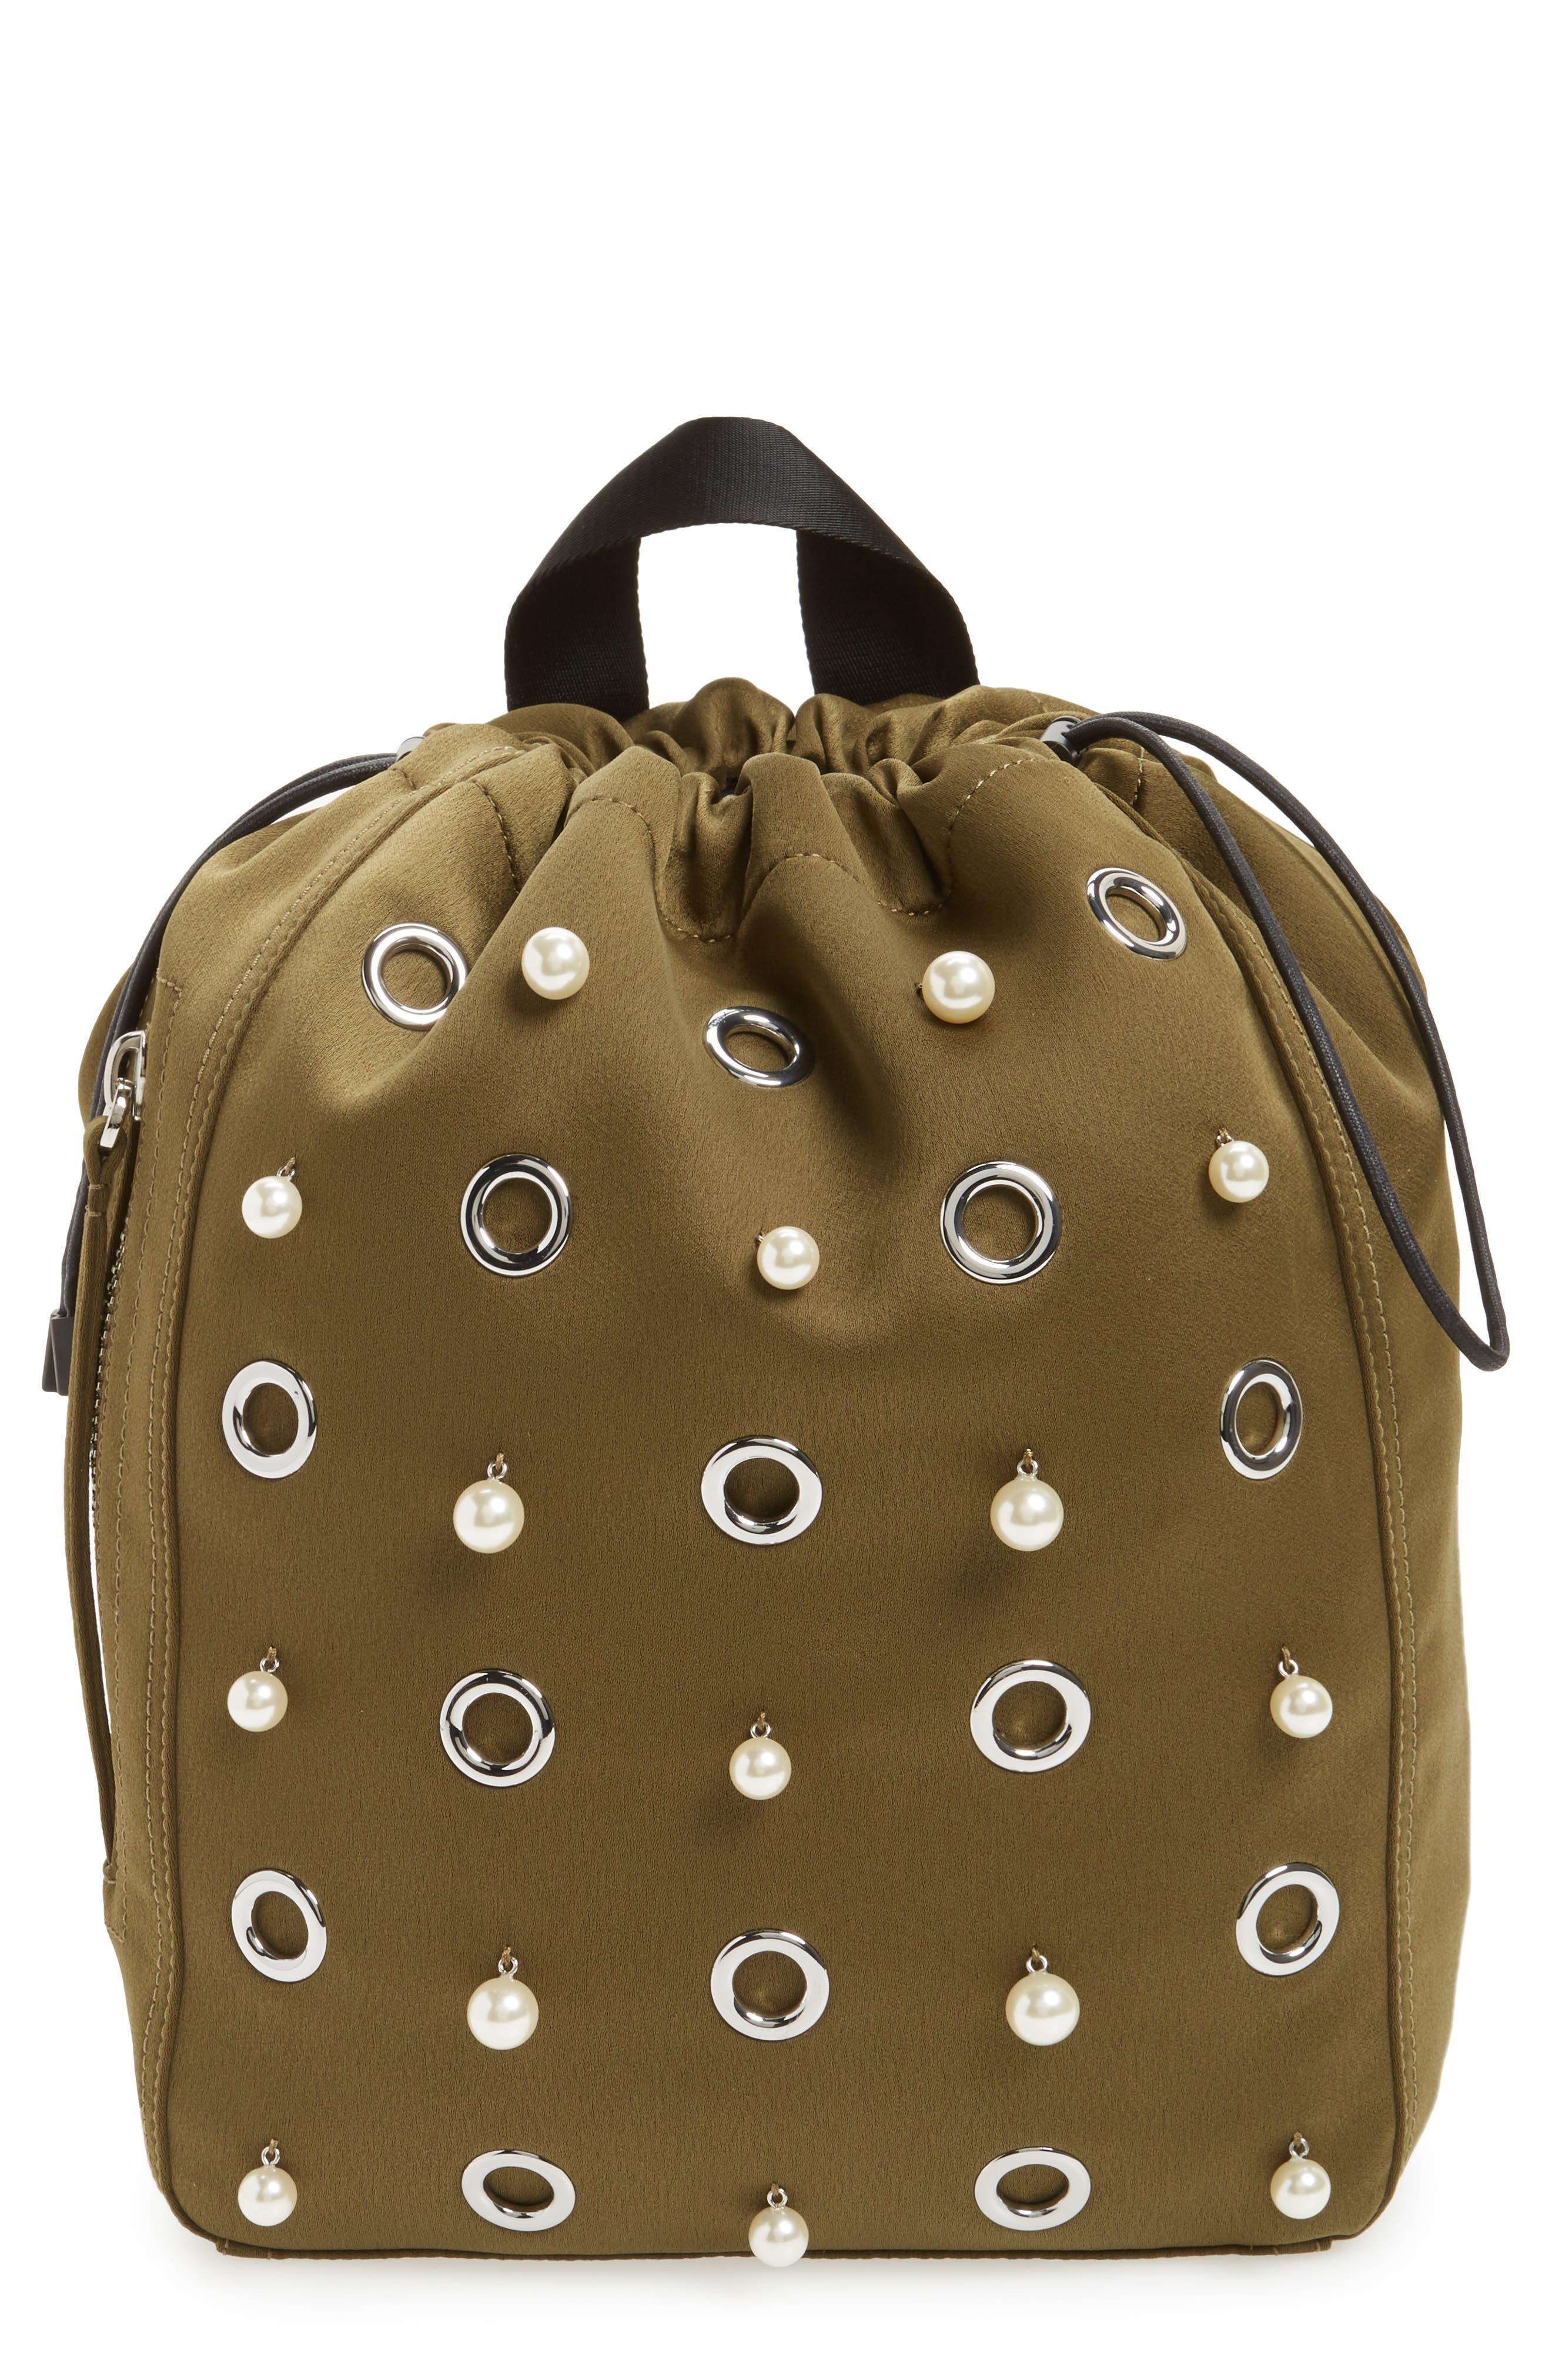 Phillip Lim 3.1 Medium Go-Go Embellished Backpack